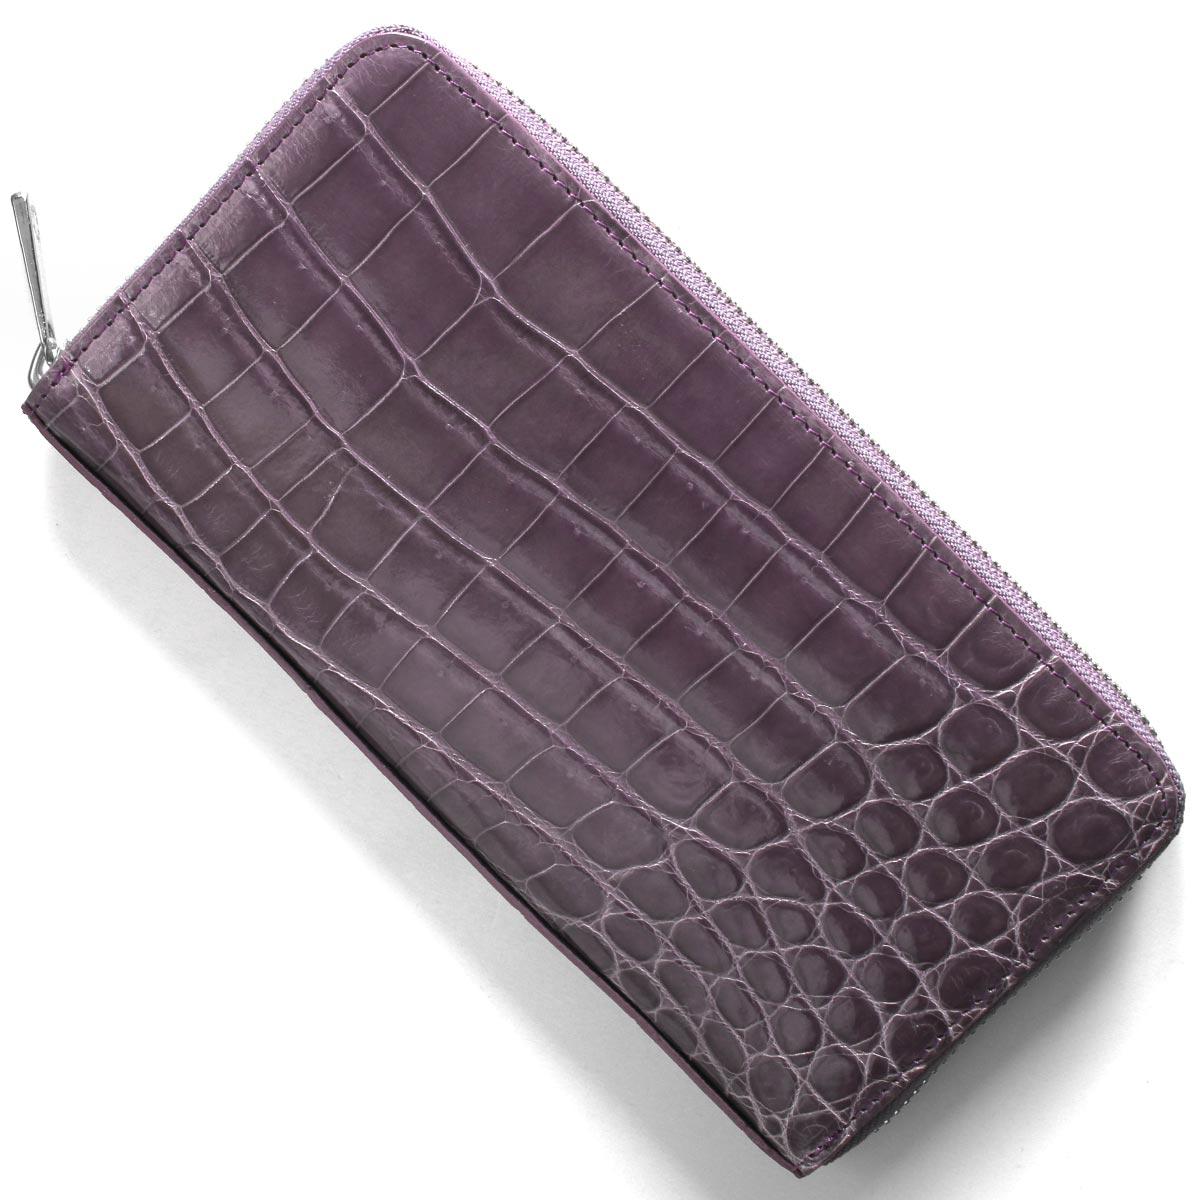 本革 長財布 財布 メンズ レディース クロコ ラベンダーパープル CRS002HLG LAV Leather